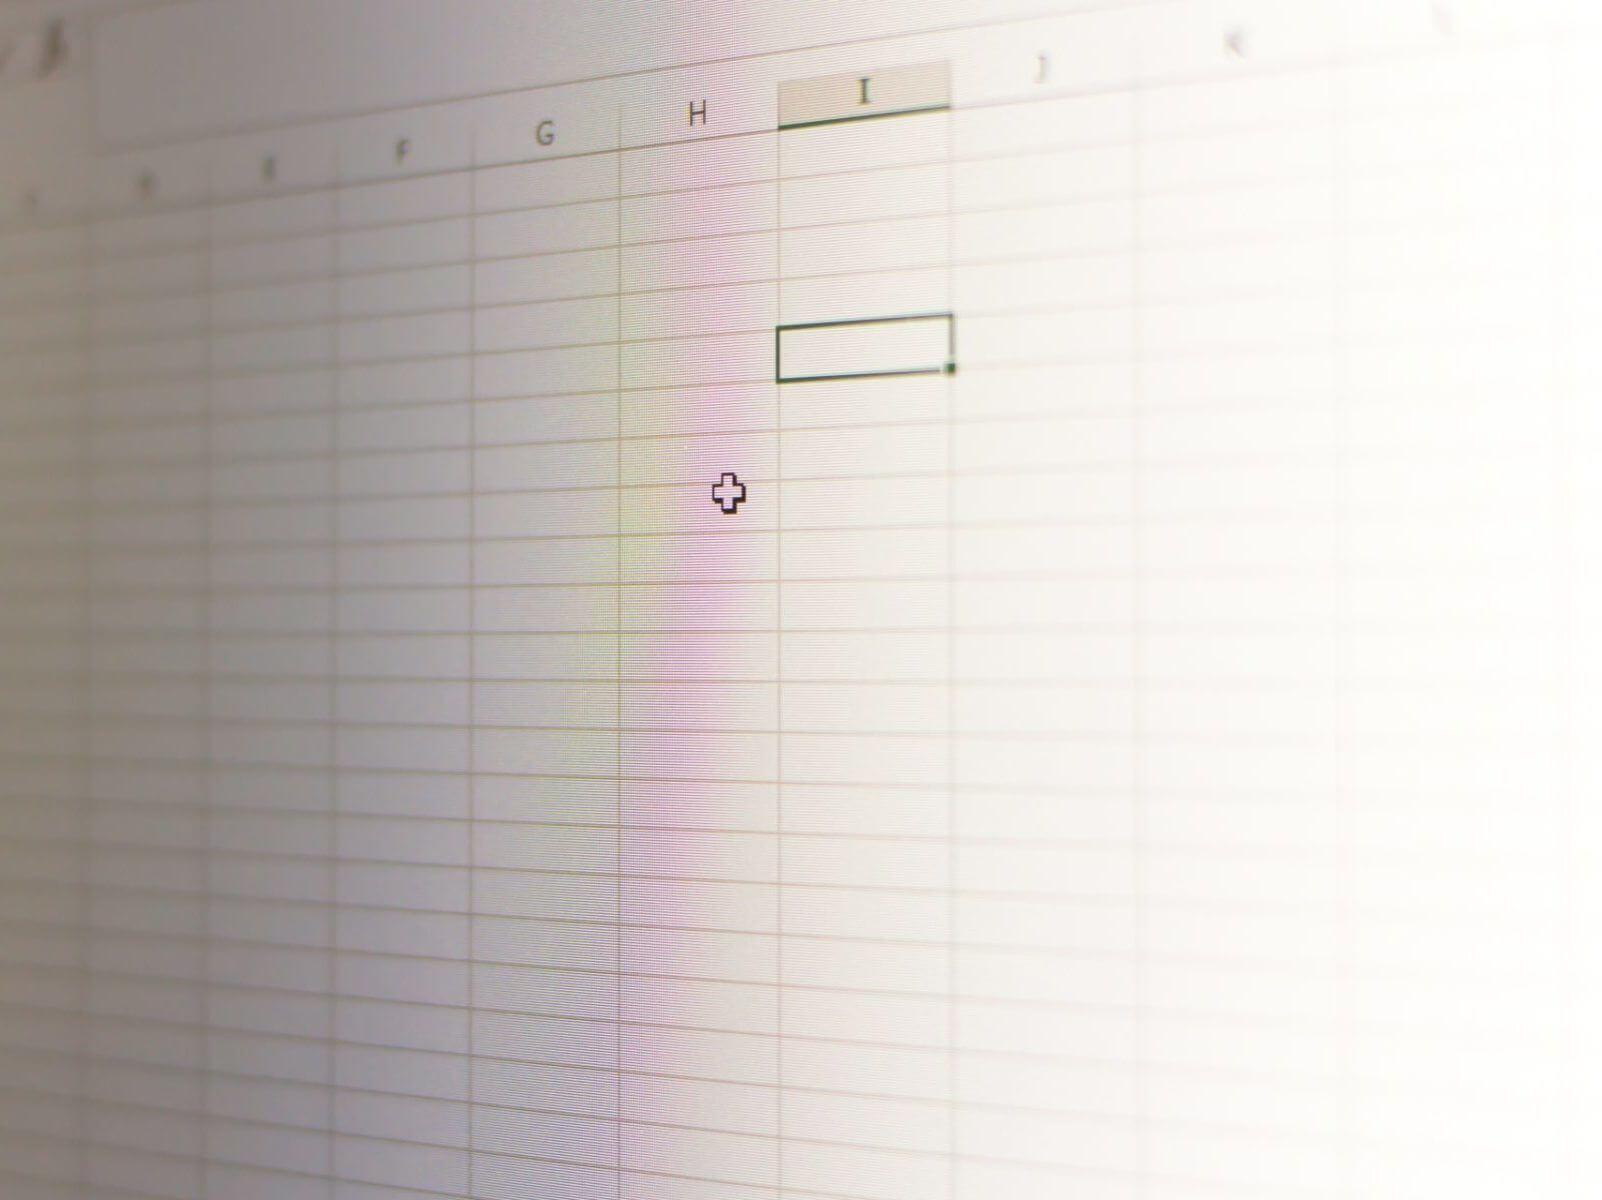 PLCラダープログラムでのアドレスマップ作成時のExcelの小技(16進数変換)